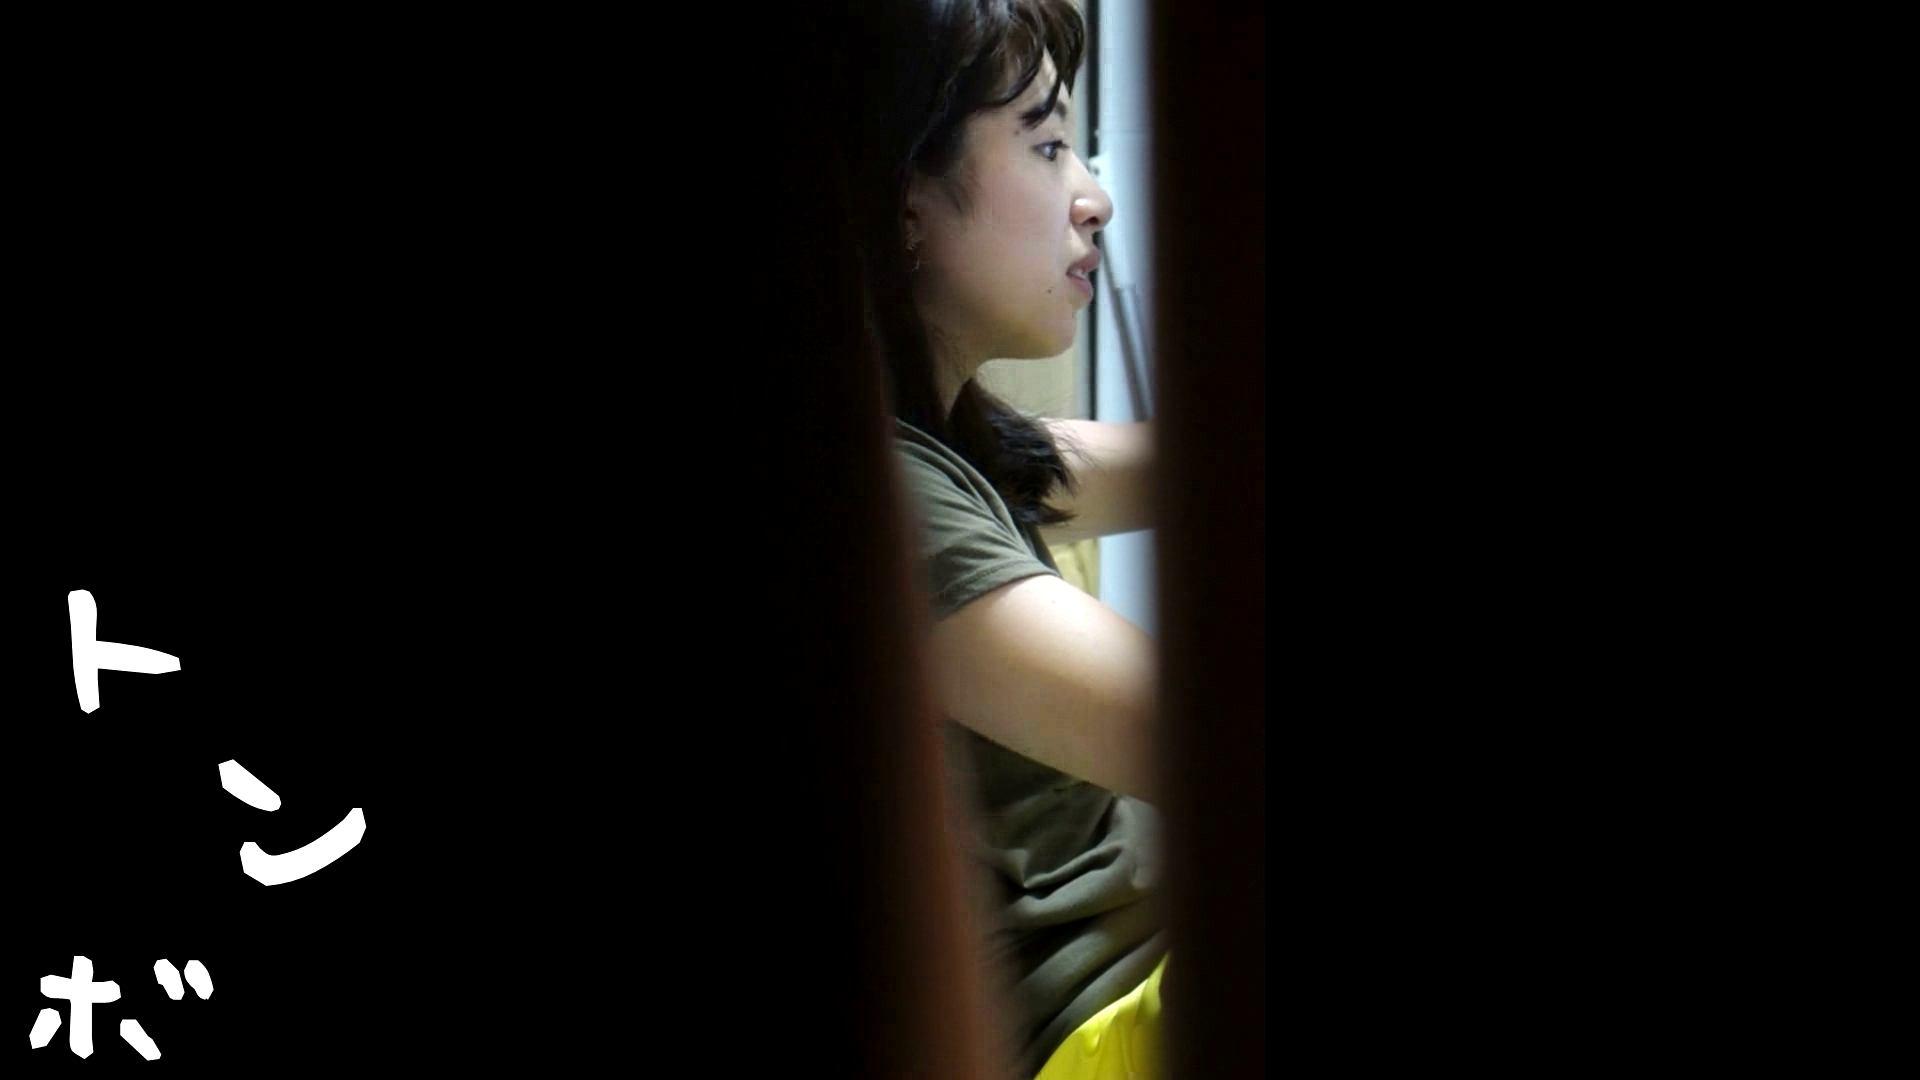 リアル盗撮 ピアスが可愛い一人暮らし女子大生の部屋ヌード 桃色乳首  94PIX 5